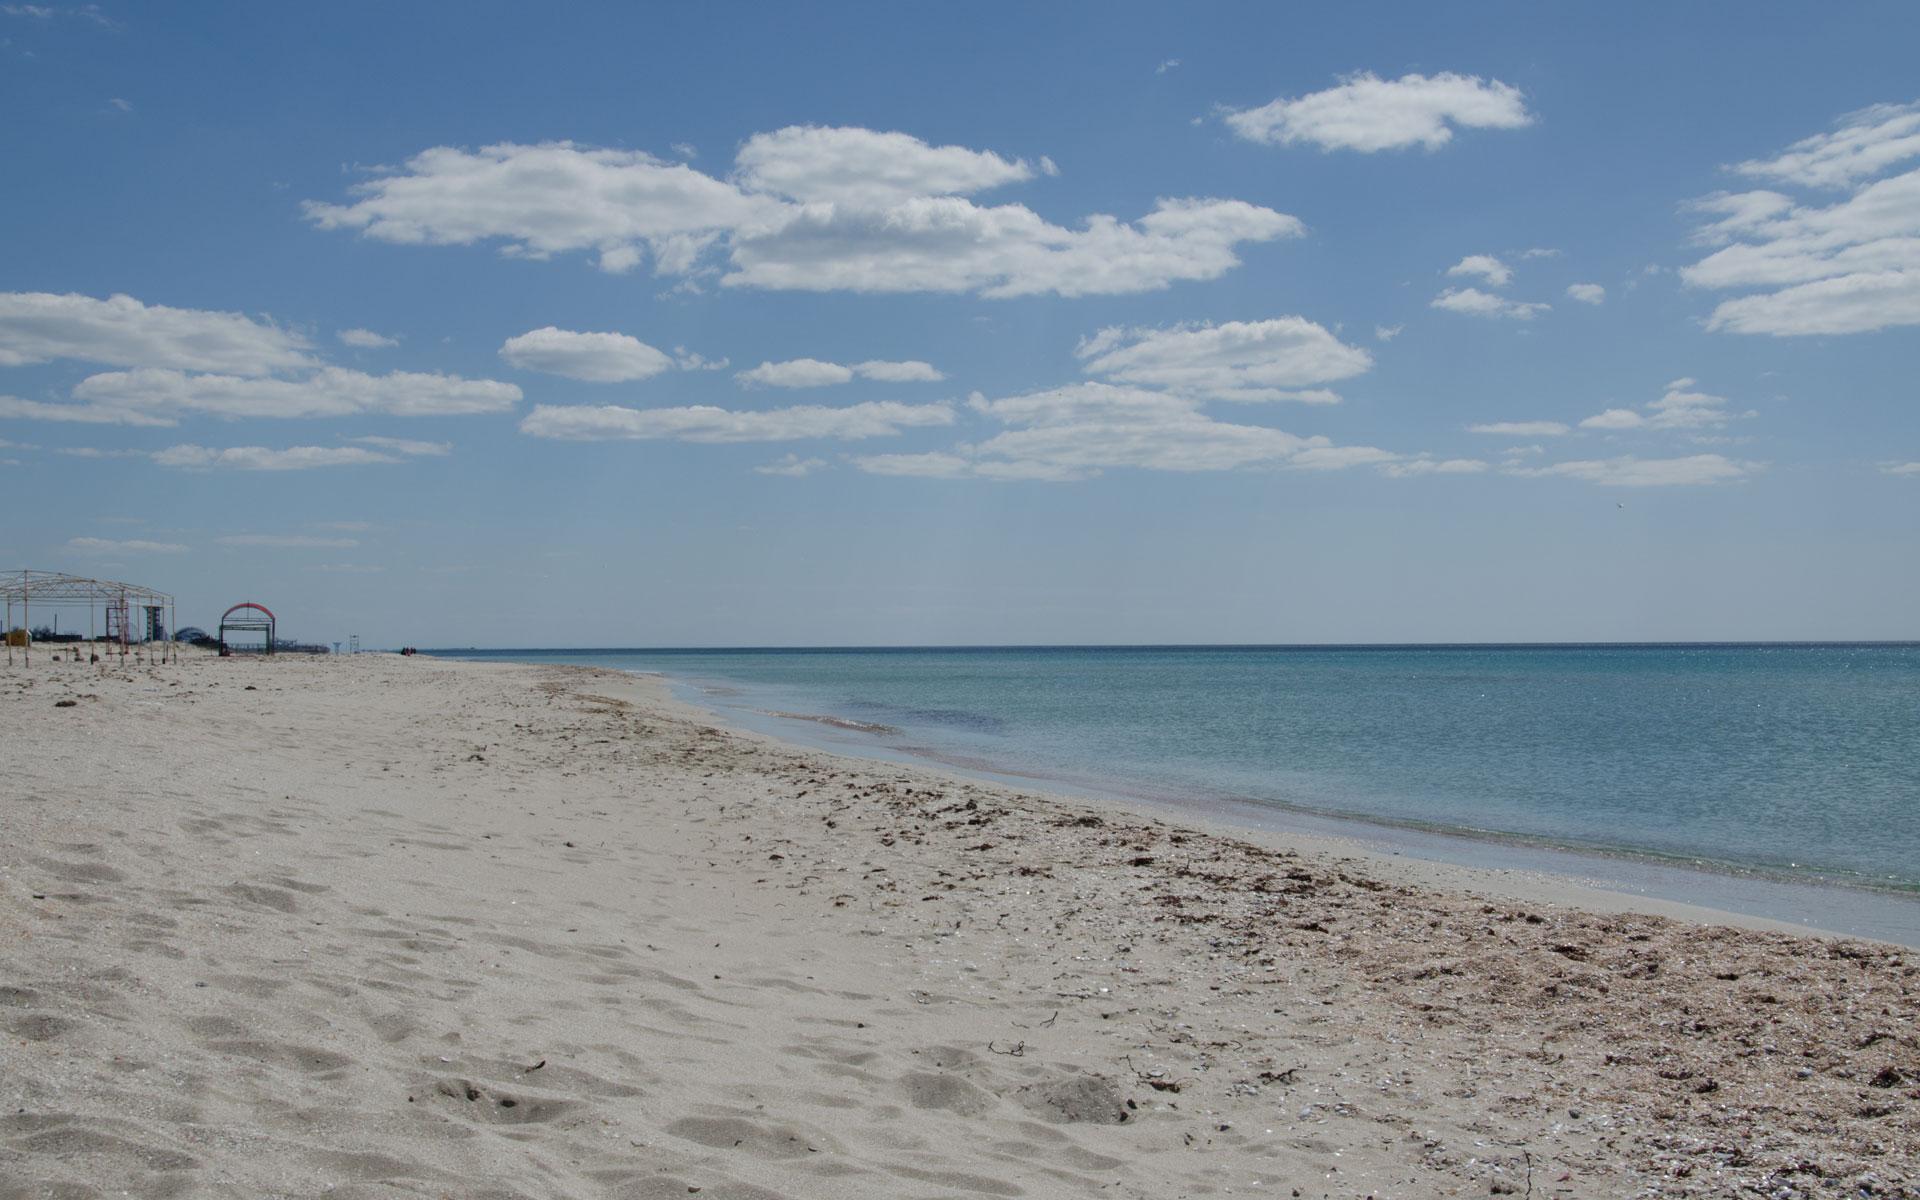 Пляж в межсезонье. Апрель 2019. Фото Поповки